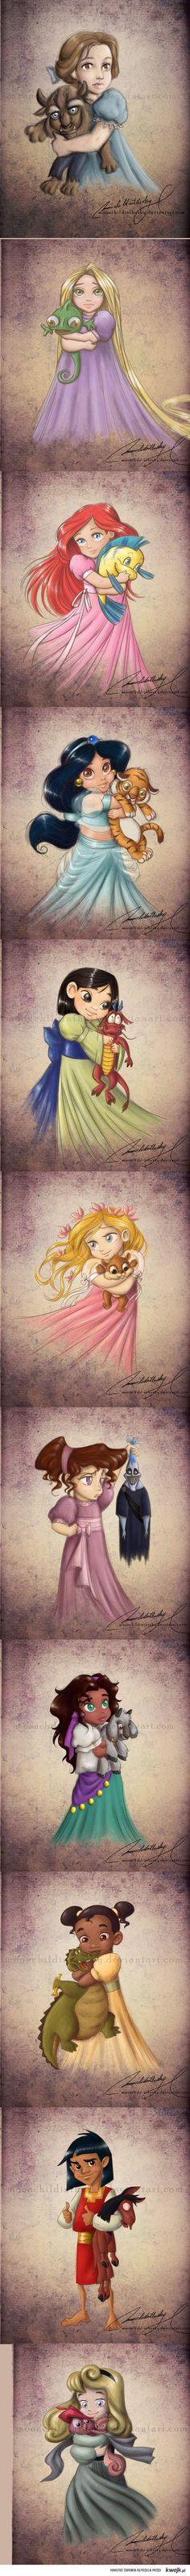 little princesses.